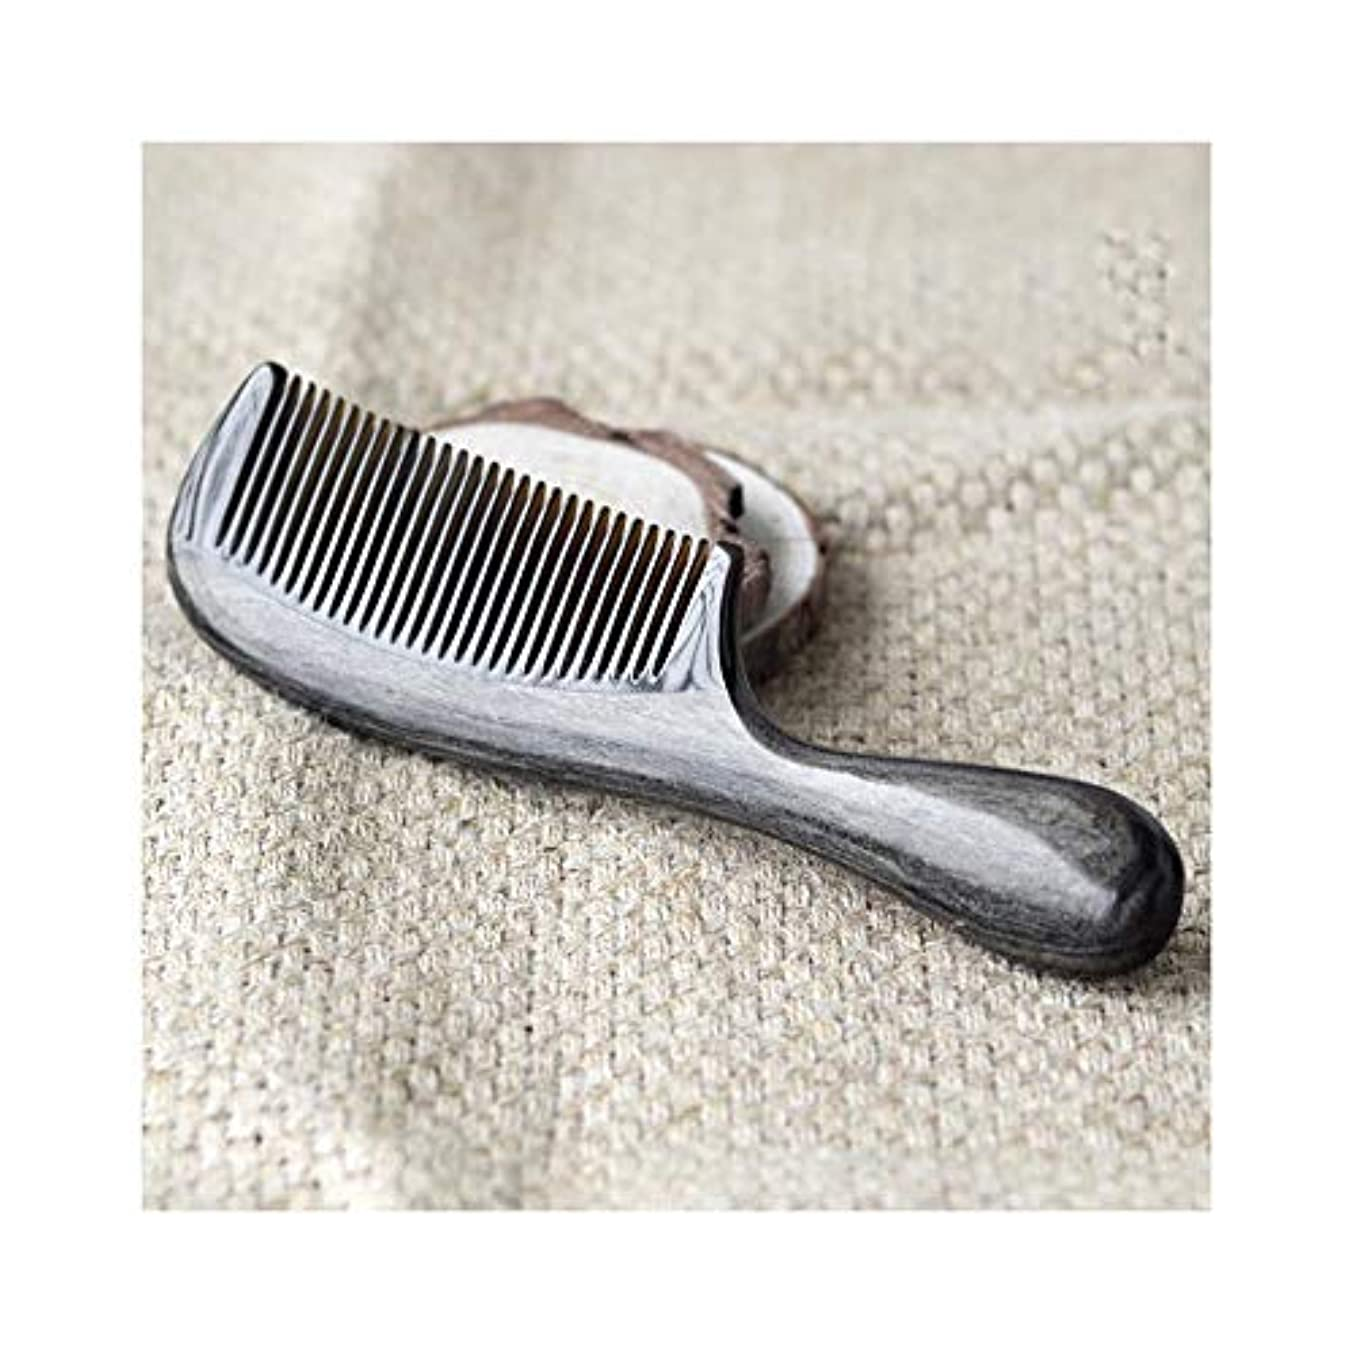 遊具割り当てます漏れWASAIO 髪ブラシ手作り天然水牛角くし帯電防止ポータブル理髪くし (色 : 黒)